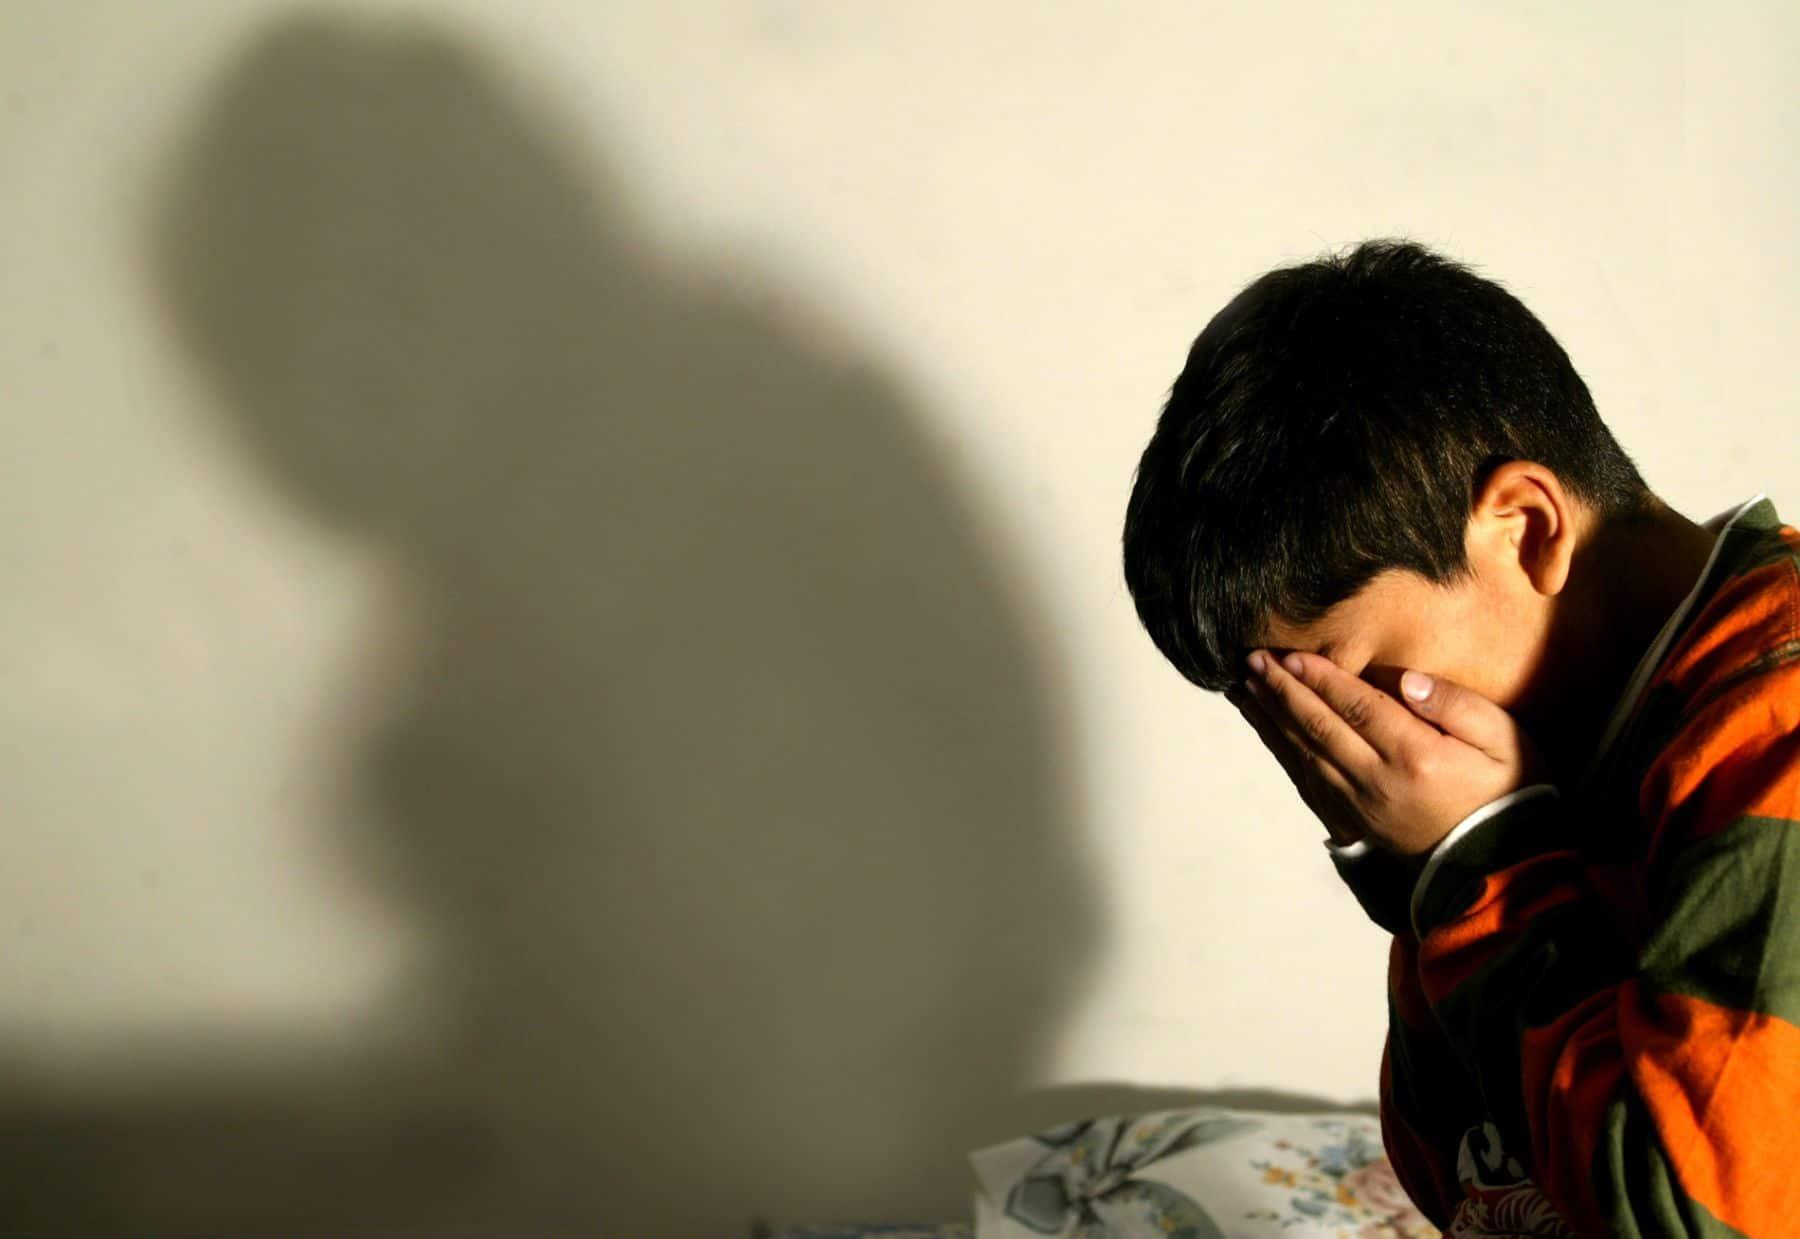 niños y jóvenes depresión suicidio